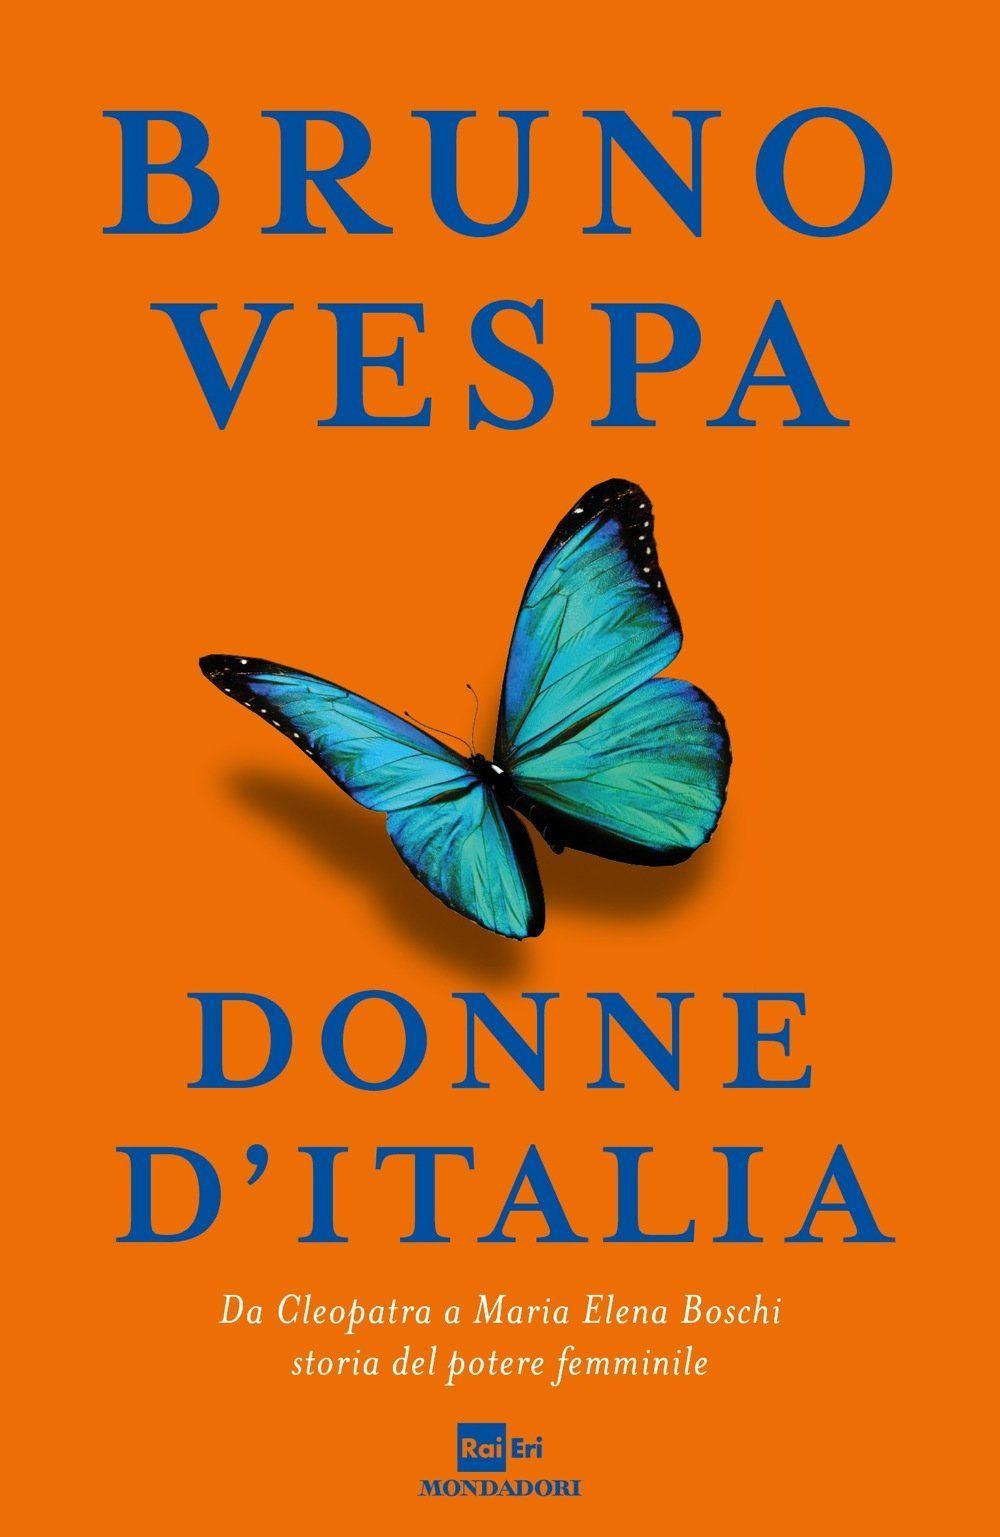 donne d'italia, bruno vespa, cover